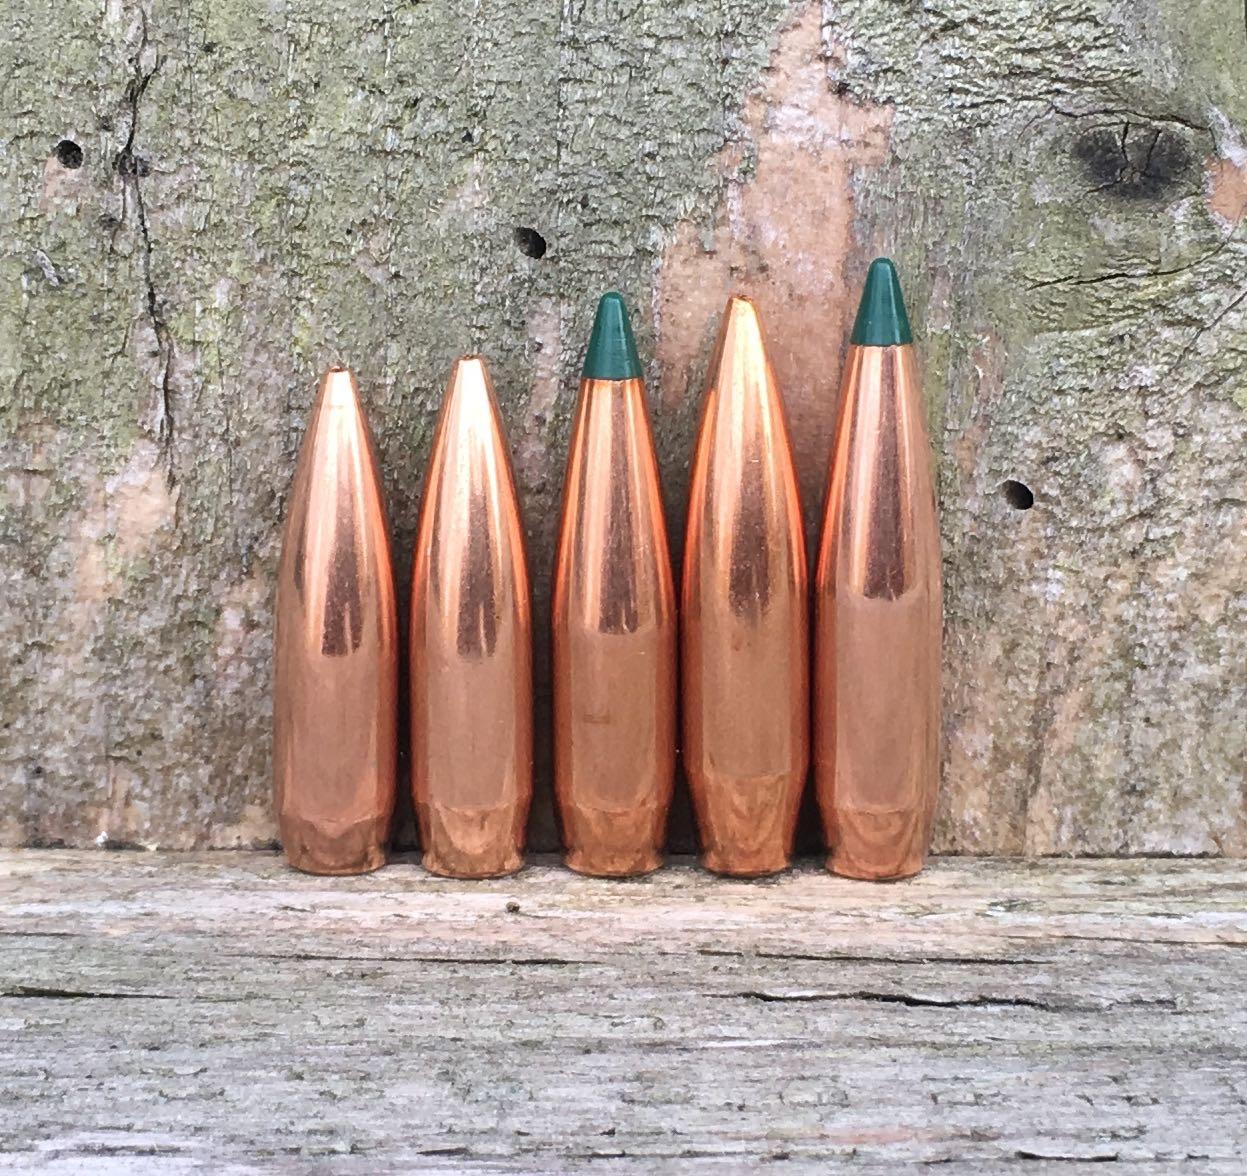 308-bullets-168-smk-175-smk-175-tmk-190-smk-195-tmk